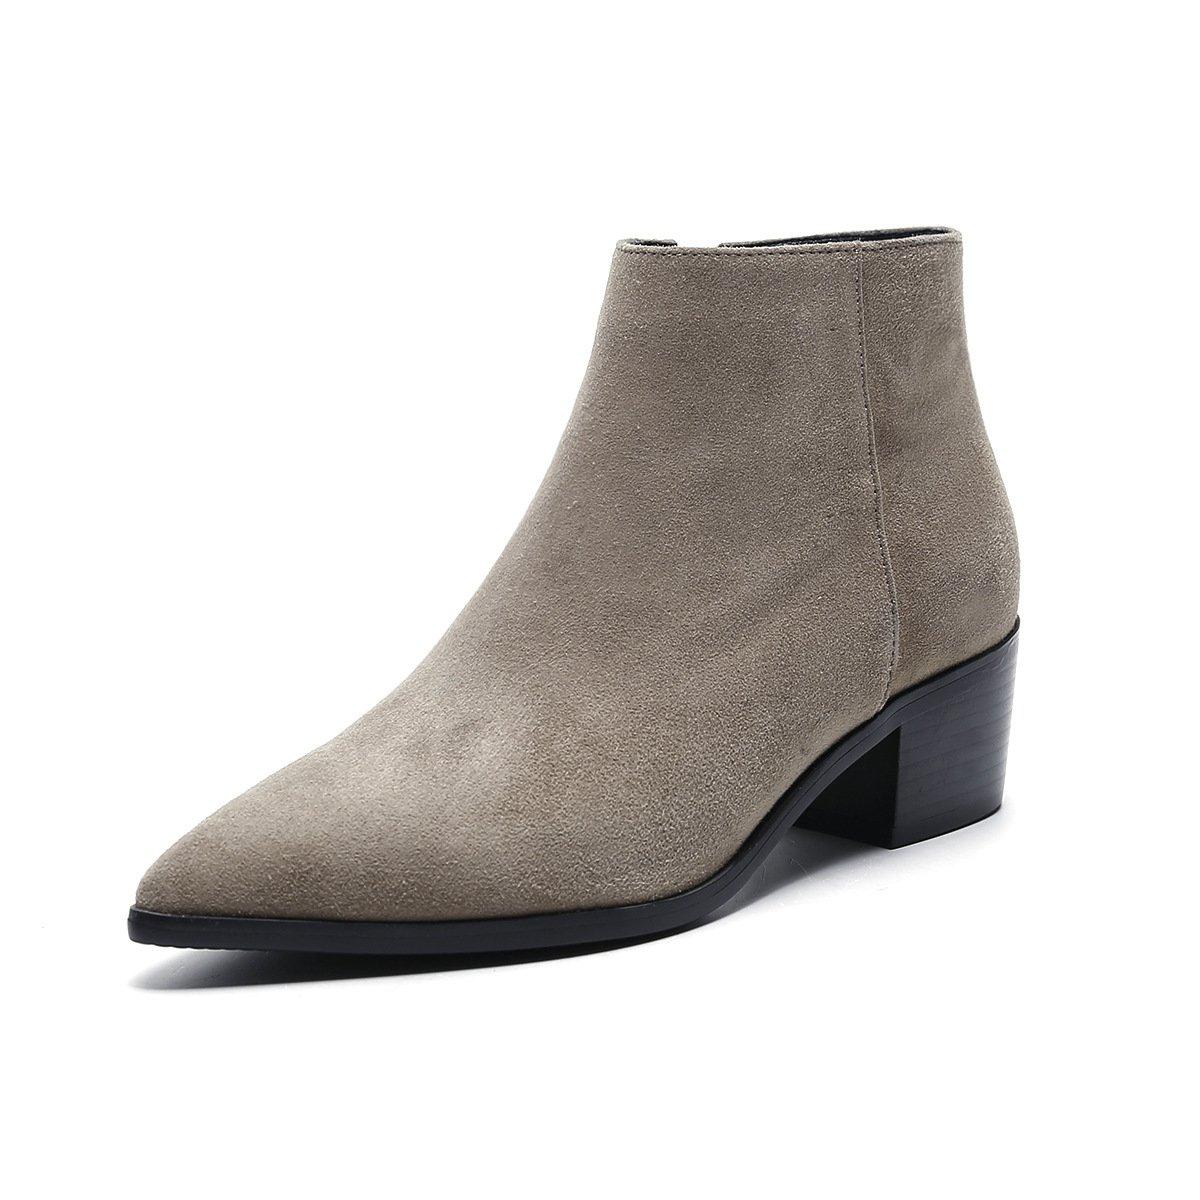 RUGAI-UE Herbst-und Winter-Mode-Elegante Spitzen Stiefel mit dicken seitlichen Reißverschluss-Stiefeln